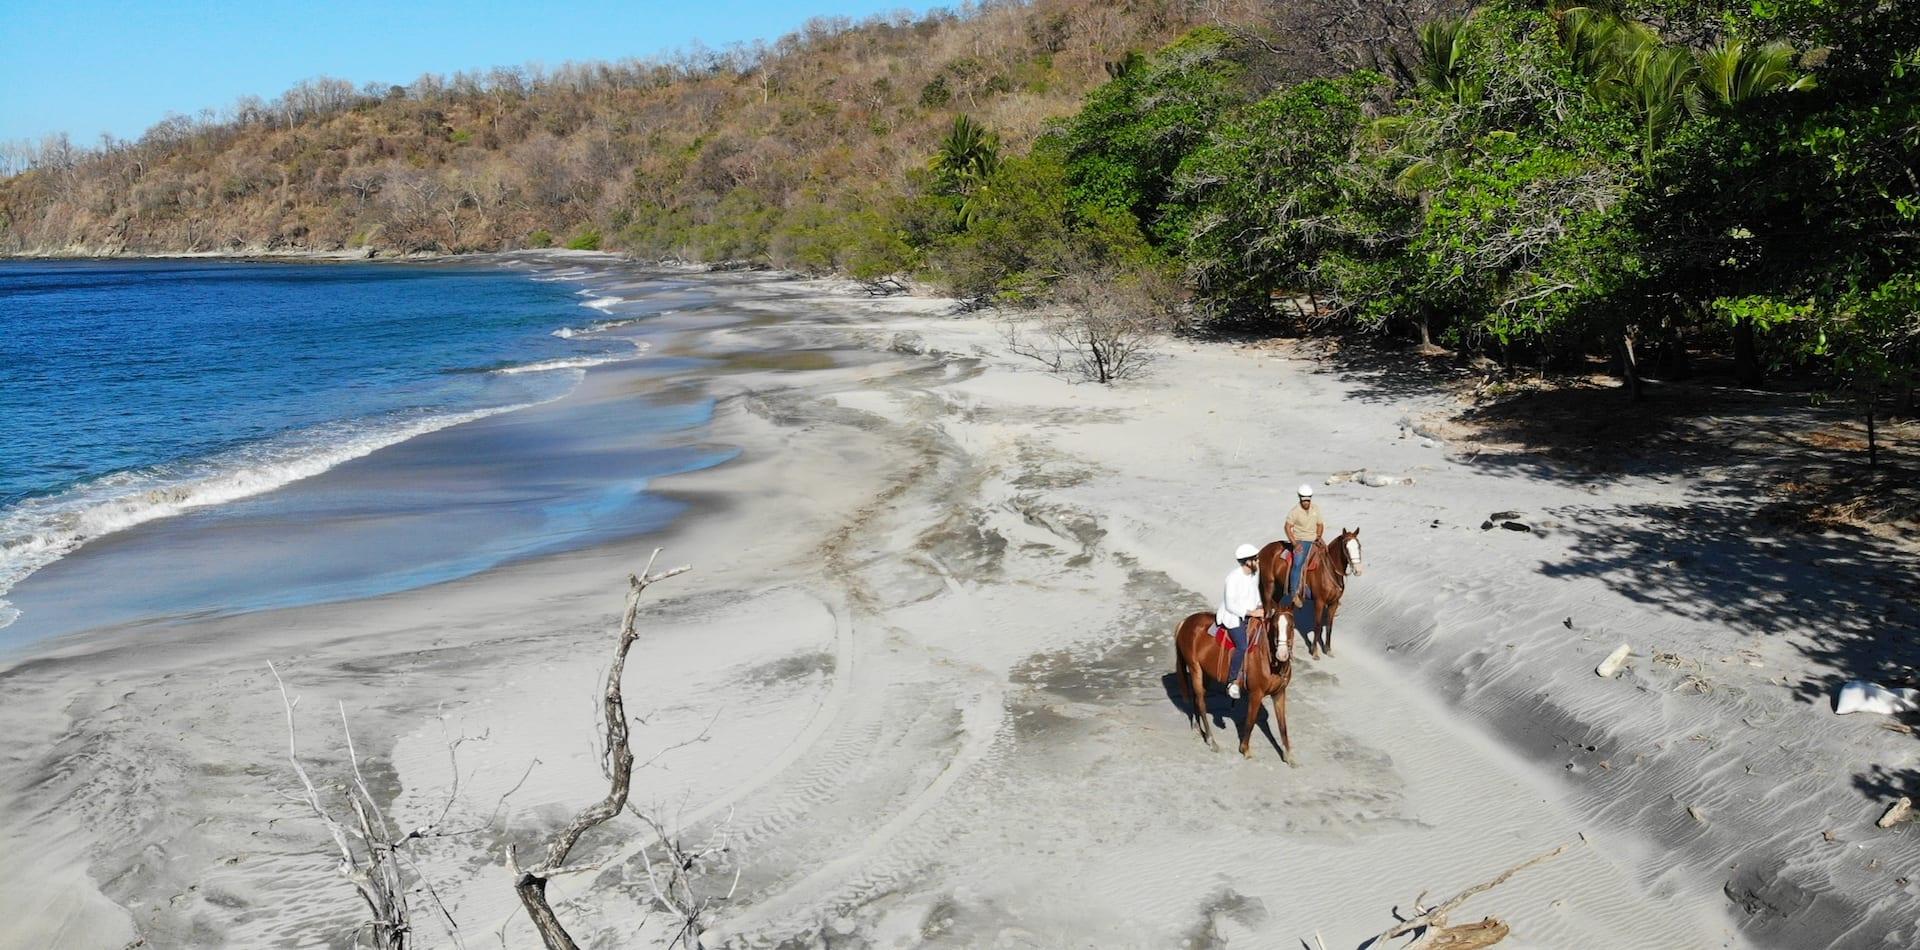 Horse riding along the beach in Cabo Vela, Costa Rica